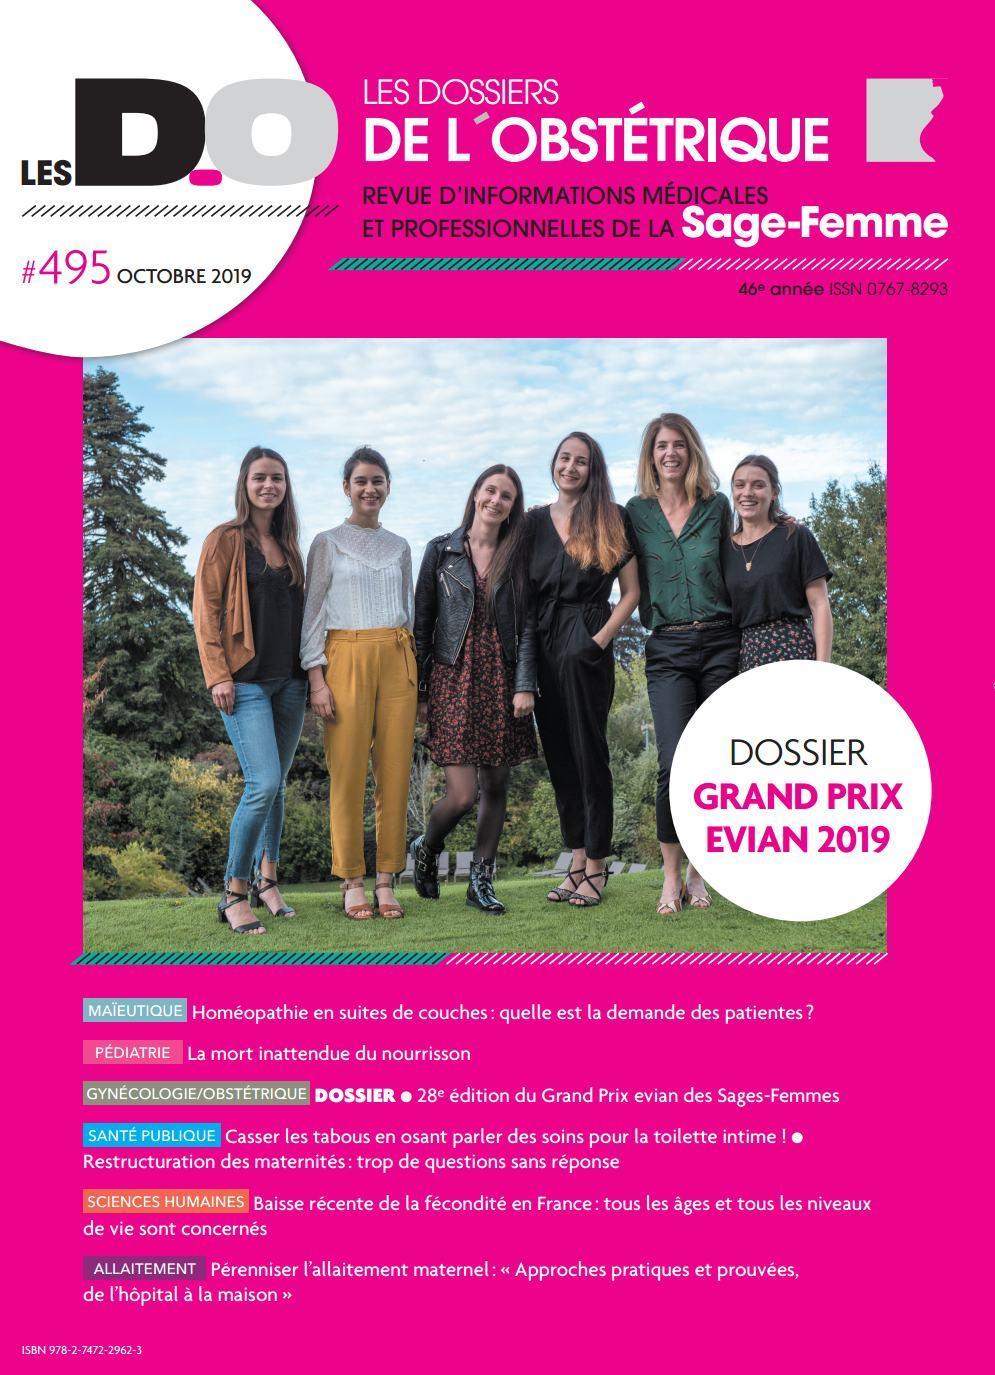 GRAND PRIX EVIAN 2019-DO 495-NOVEMBRE 2019 - LES DOSSIERS DE L'OBSTETRIQUE 495 NOVEMBRE 2019